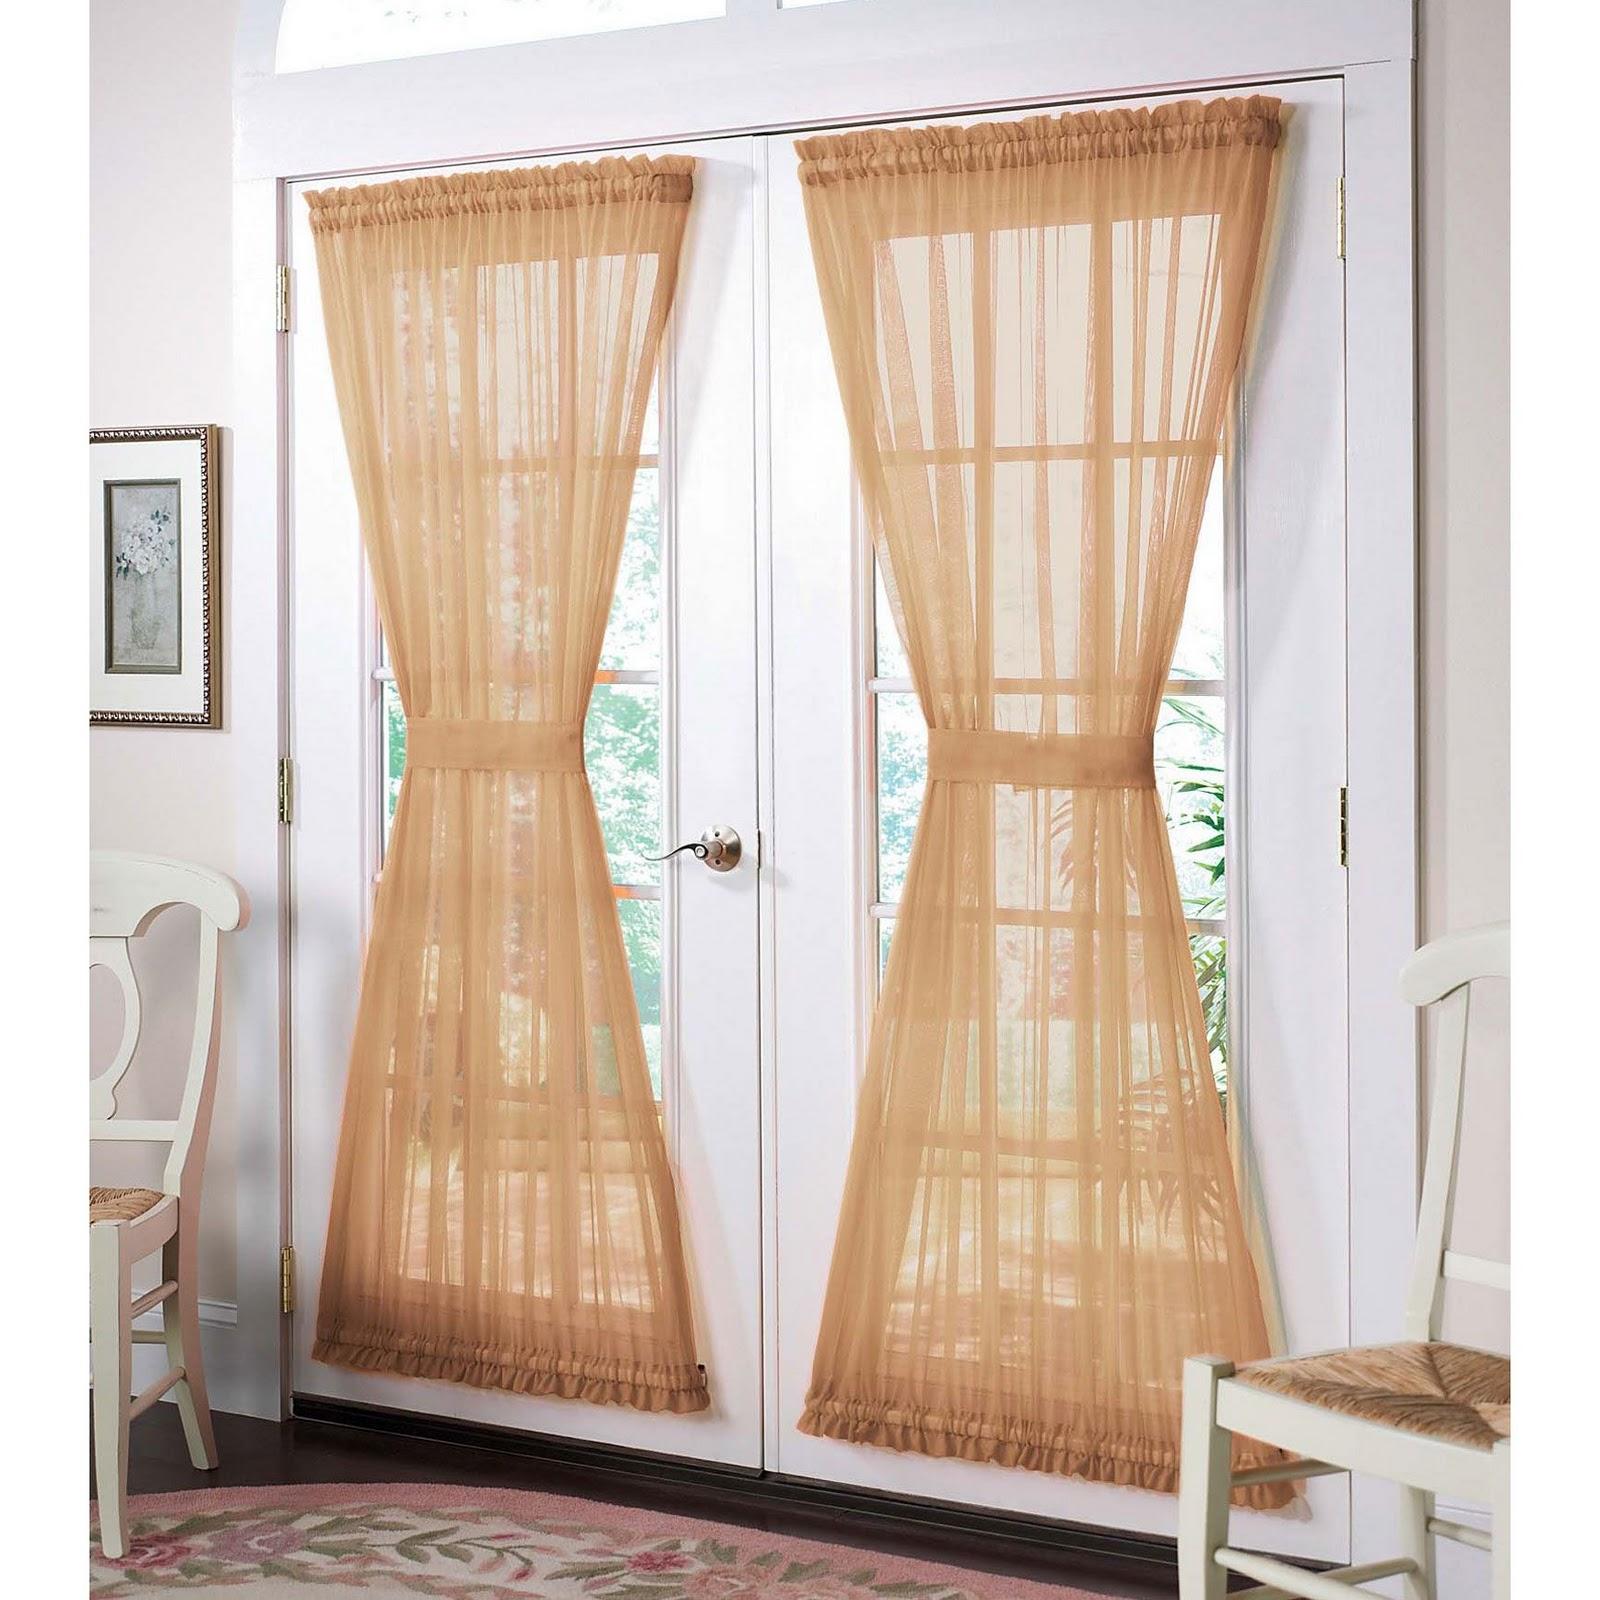 Id ias de cortinas para o ver o casas poss veis - Cristales climalit tipos ...